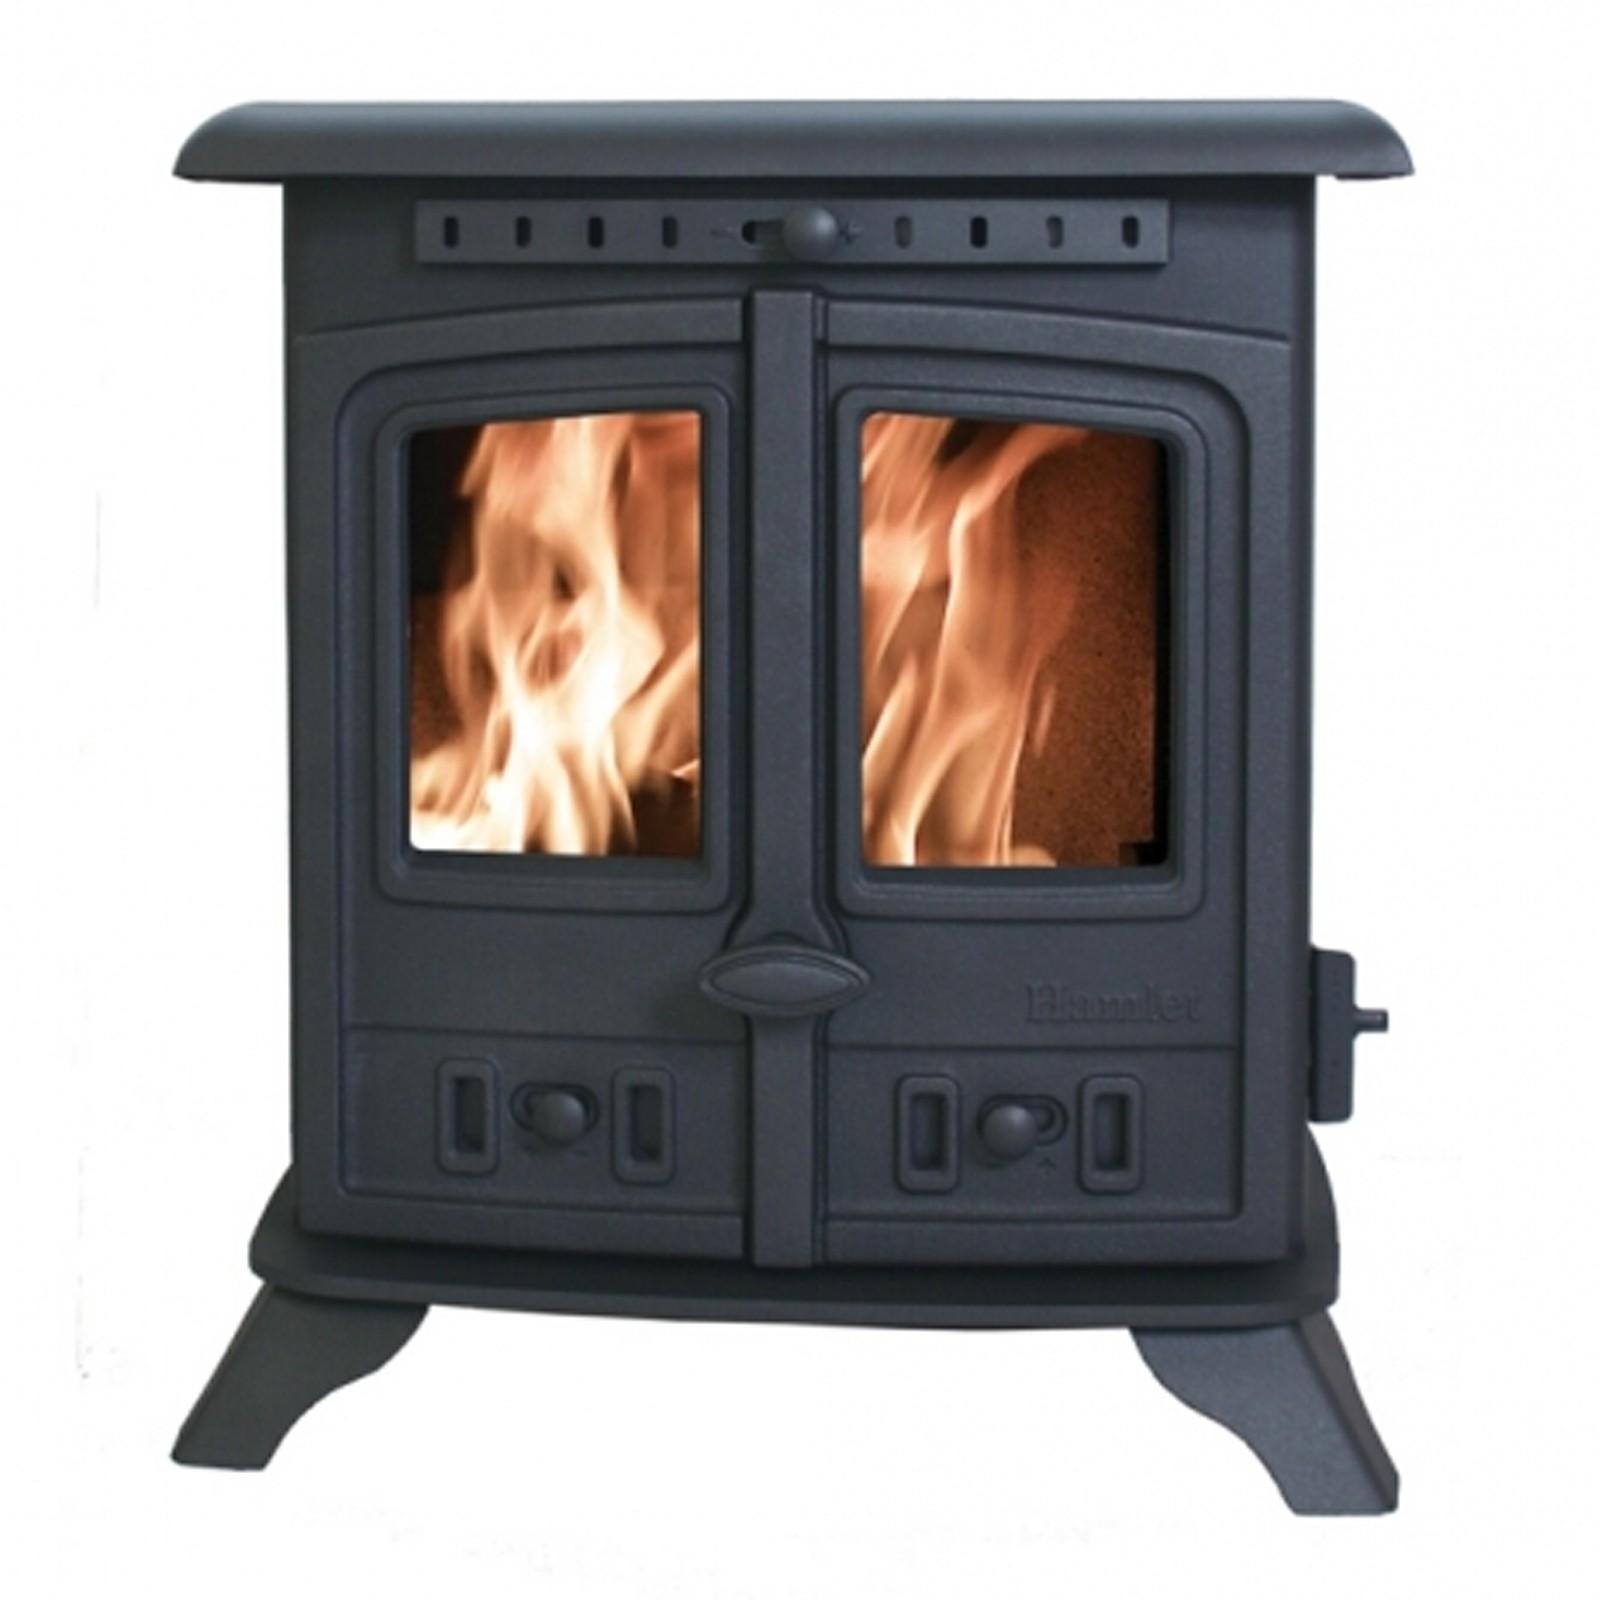 radiating valor hamlet multi fuel stove sale on stoves. Black Bedroom Furniture Sets. Home Design Ideas